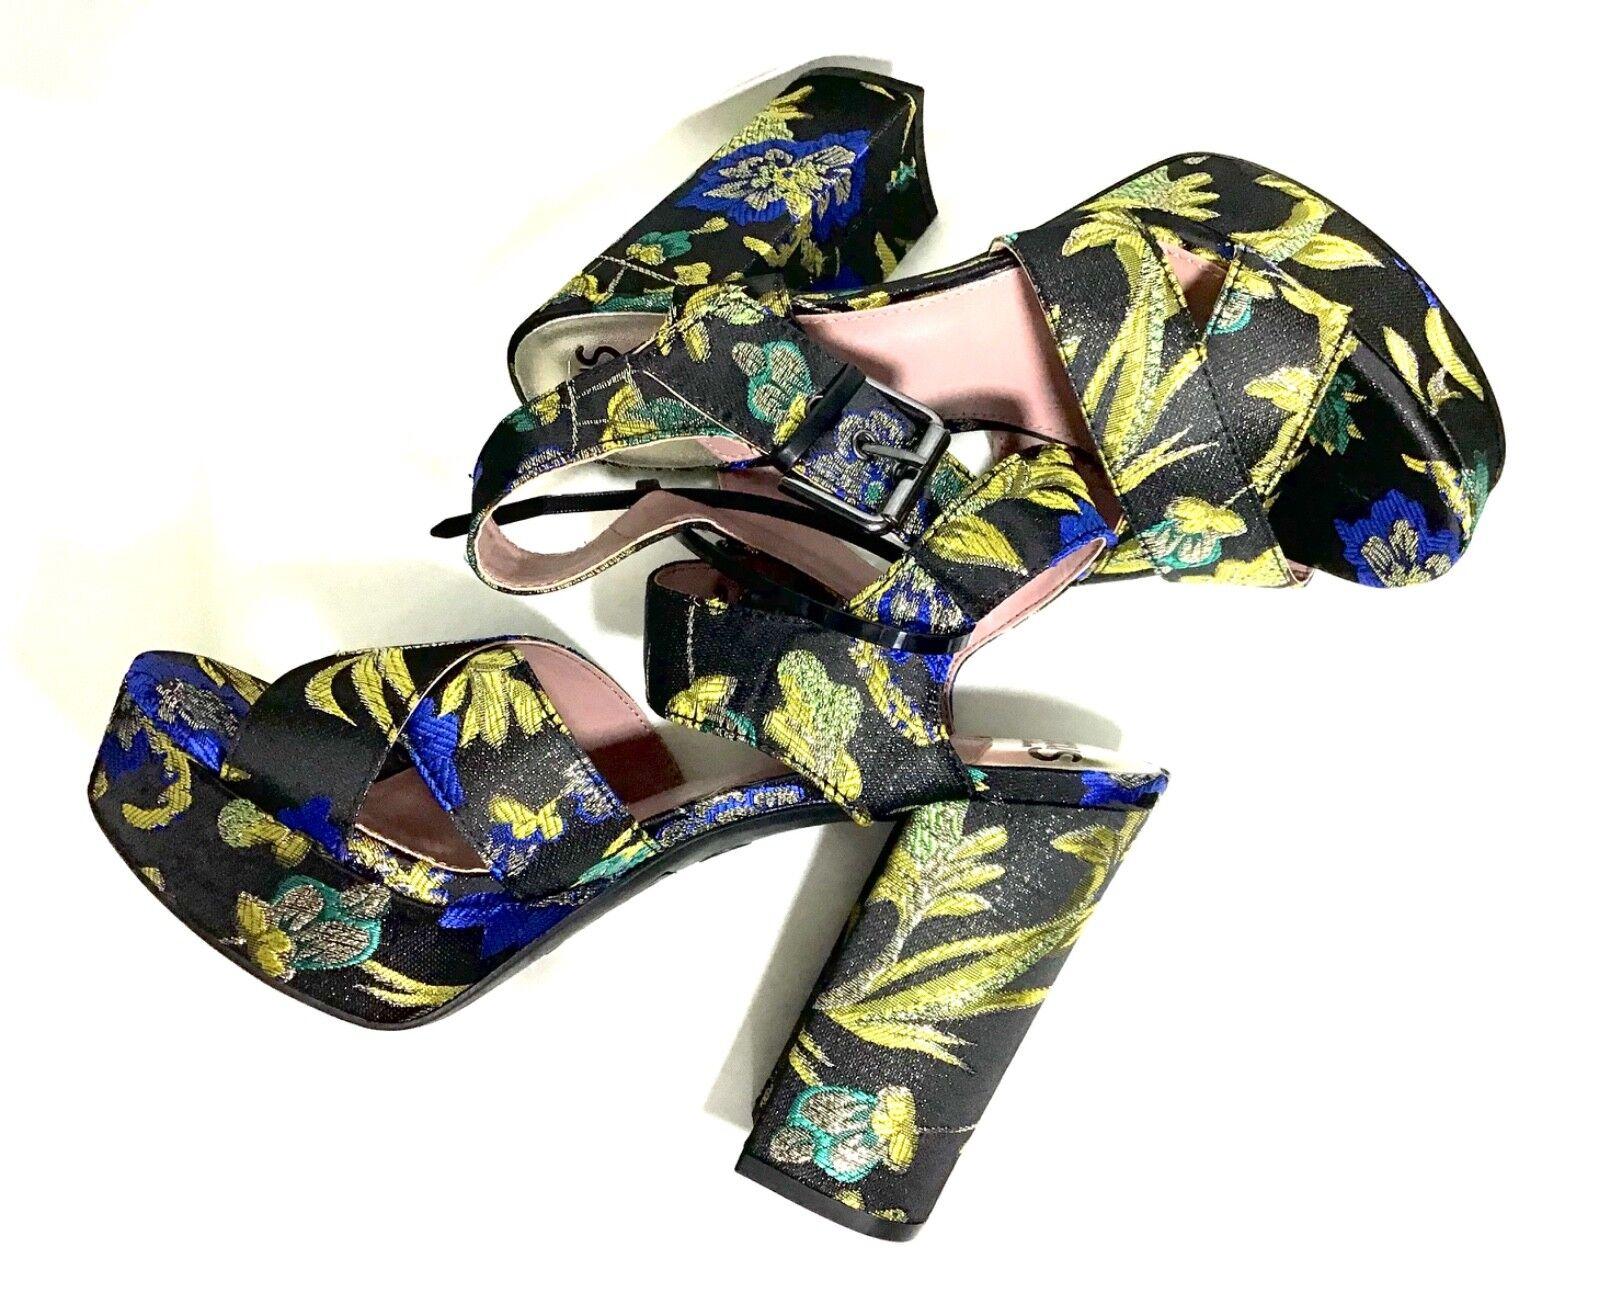 Circus Sam Edelman Femme Maria Métallisé Floral Plateforme Sandale Talon Chaussure 7.5 m